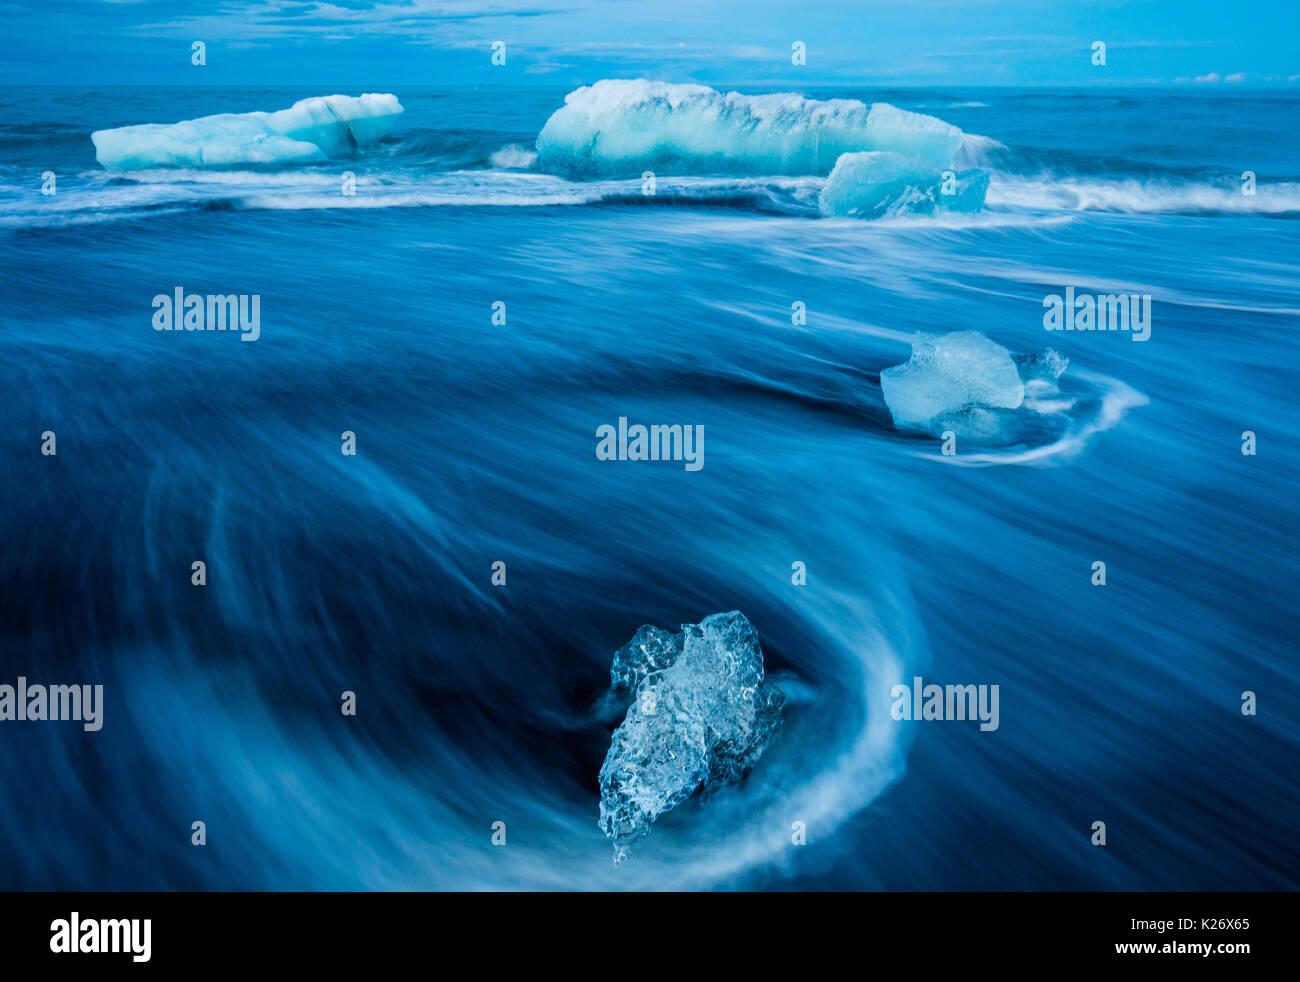 Jökulsárlón est un grand lac glaciaire dans le sud-est de l'Islande, au bord de Le parc national du Vatnajökull. Située à la tête du Breiðamerkurjökull gla Photo Stock